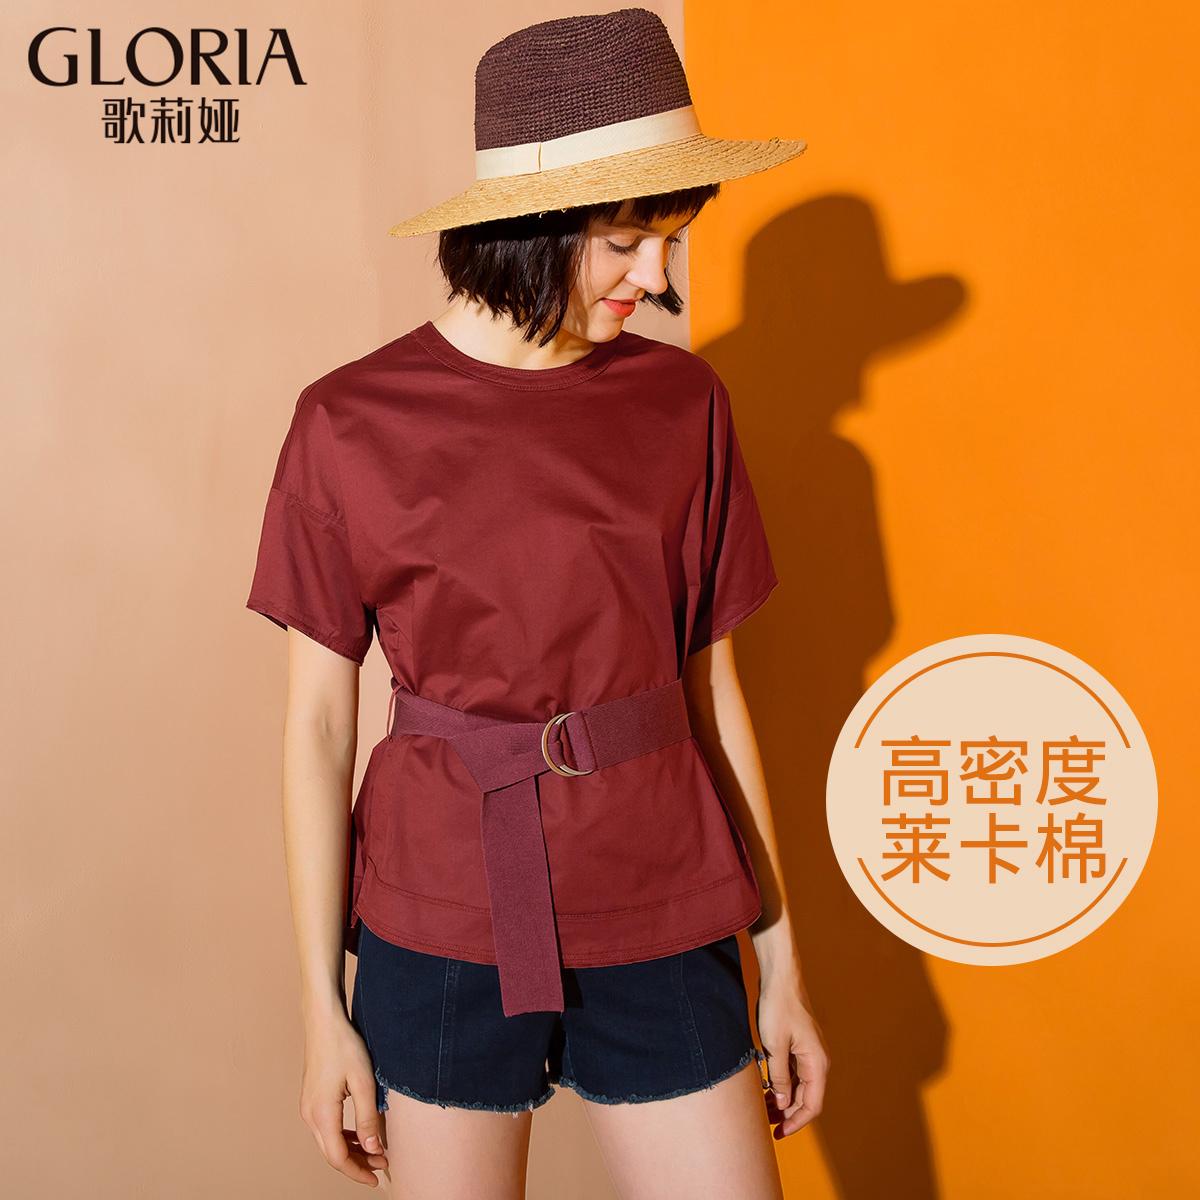 歌莉娅女装 晒|GLORIA歌莉娅2017年初夏新落肩系带梭织衫 173C3C080_推荐淘宝好看的歌莉娅